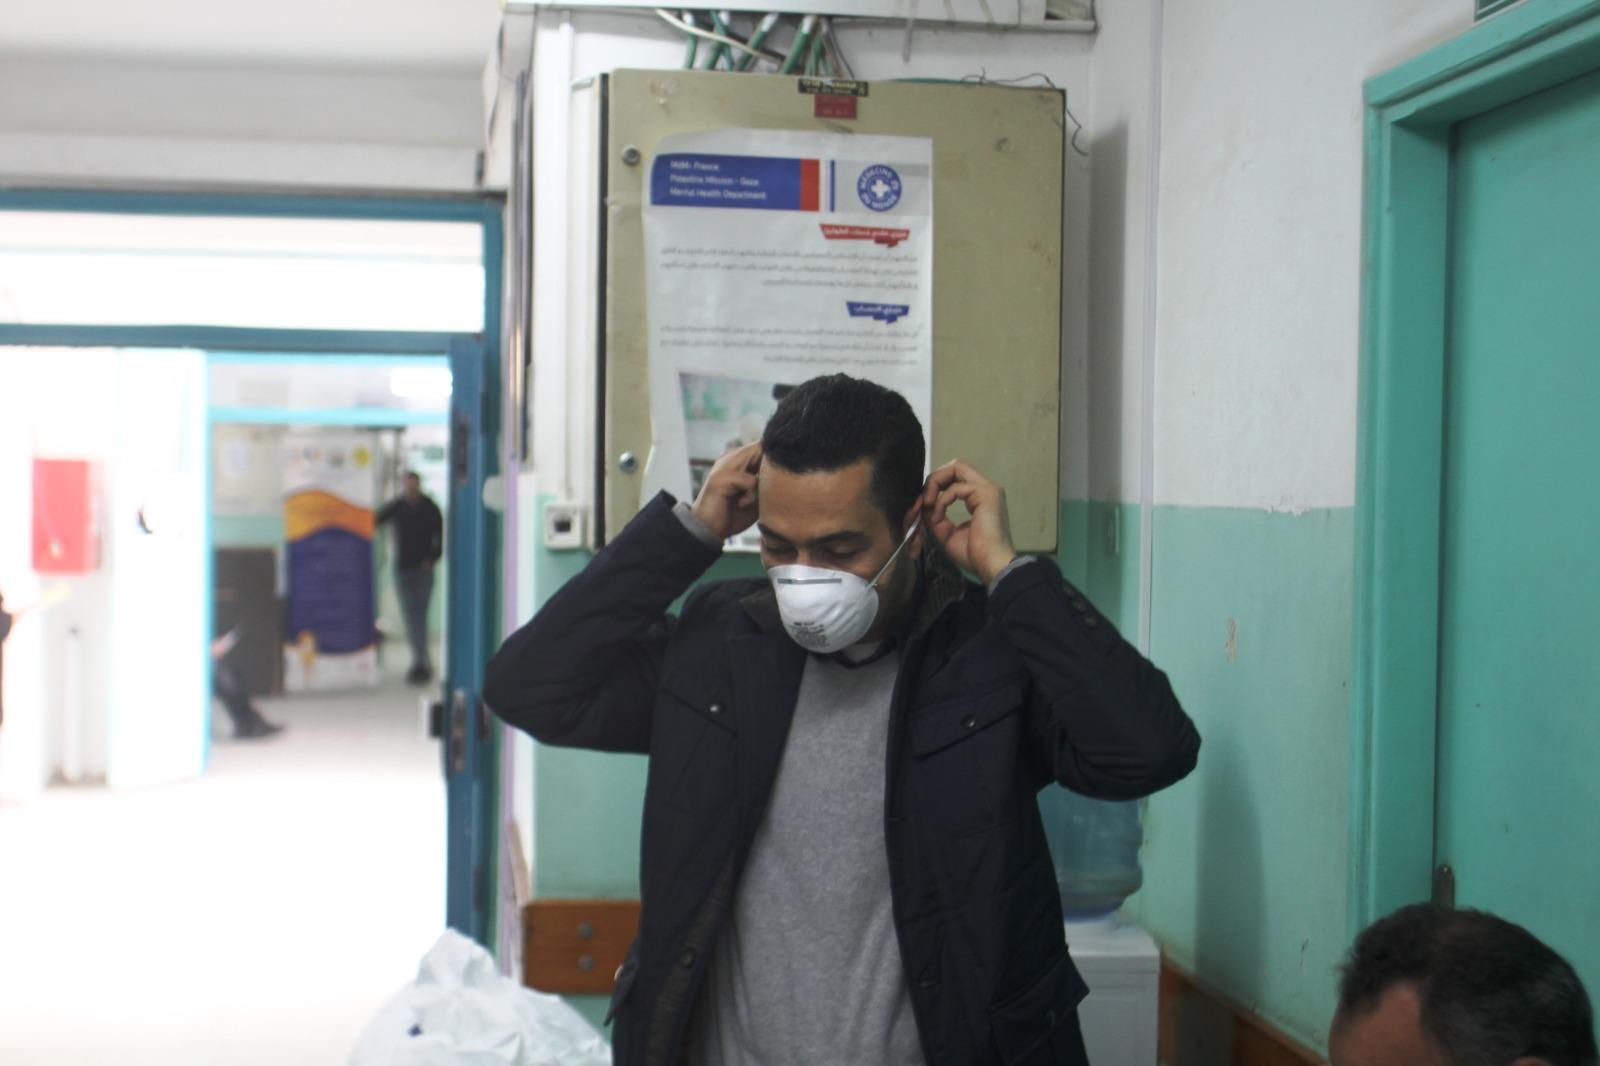 الكريري : تنفيذ حملات  توعوية وتثقيفية  بفيروس كورونا لنحو (5)آلاف شخص